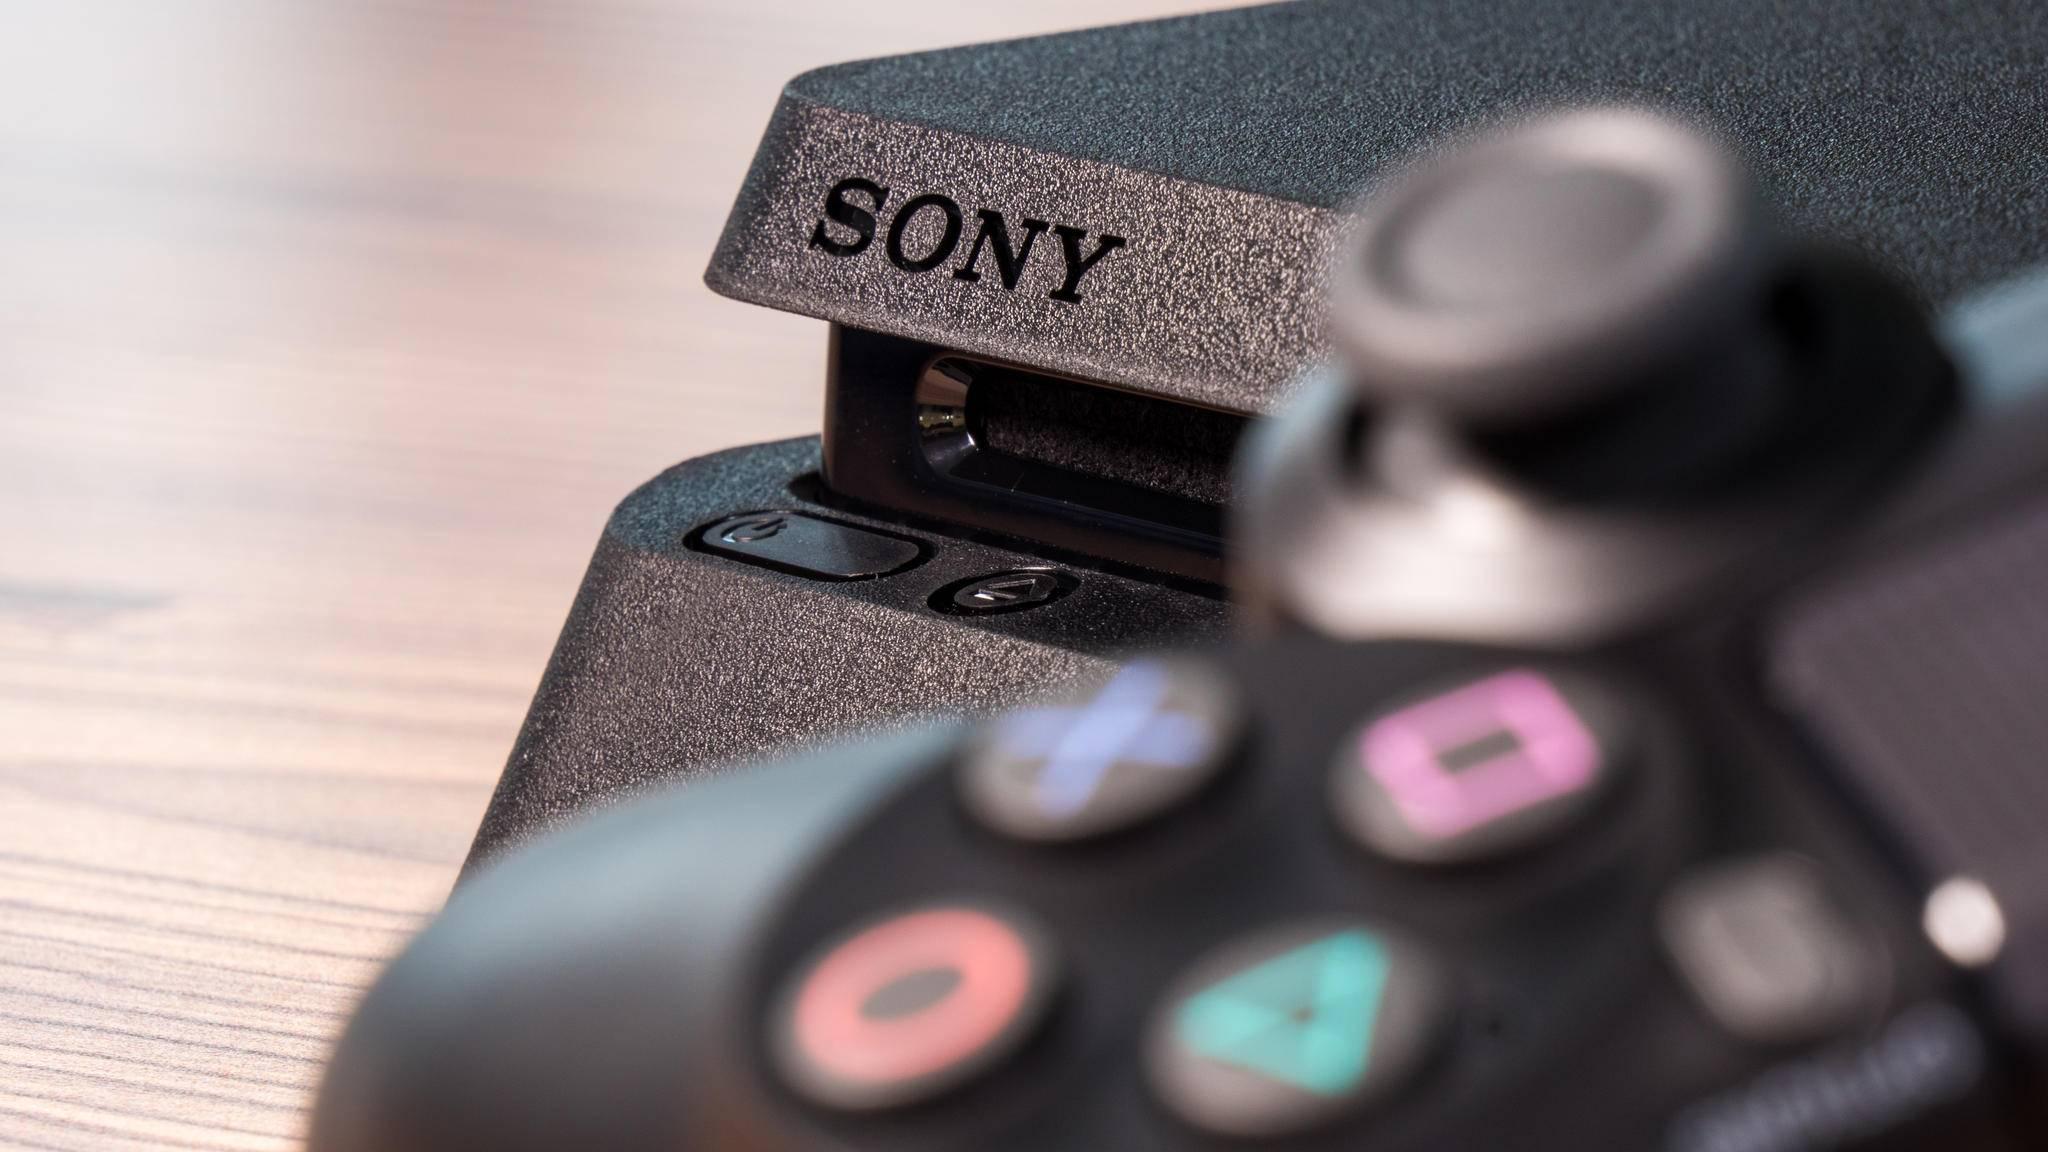 Ein Analyst rechnet nicht vor 2020 mit dem Launch der PS5.